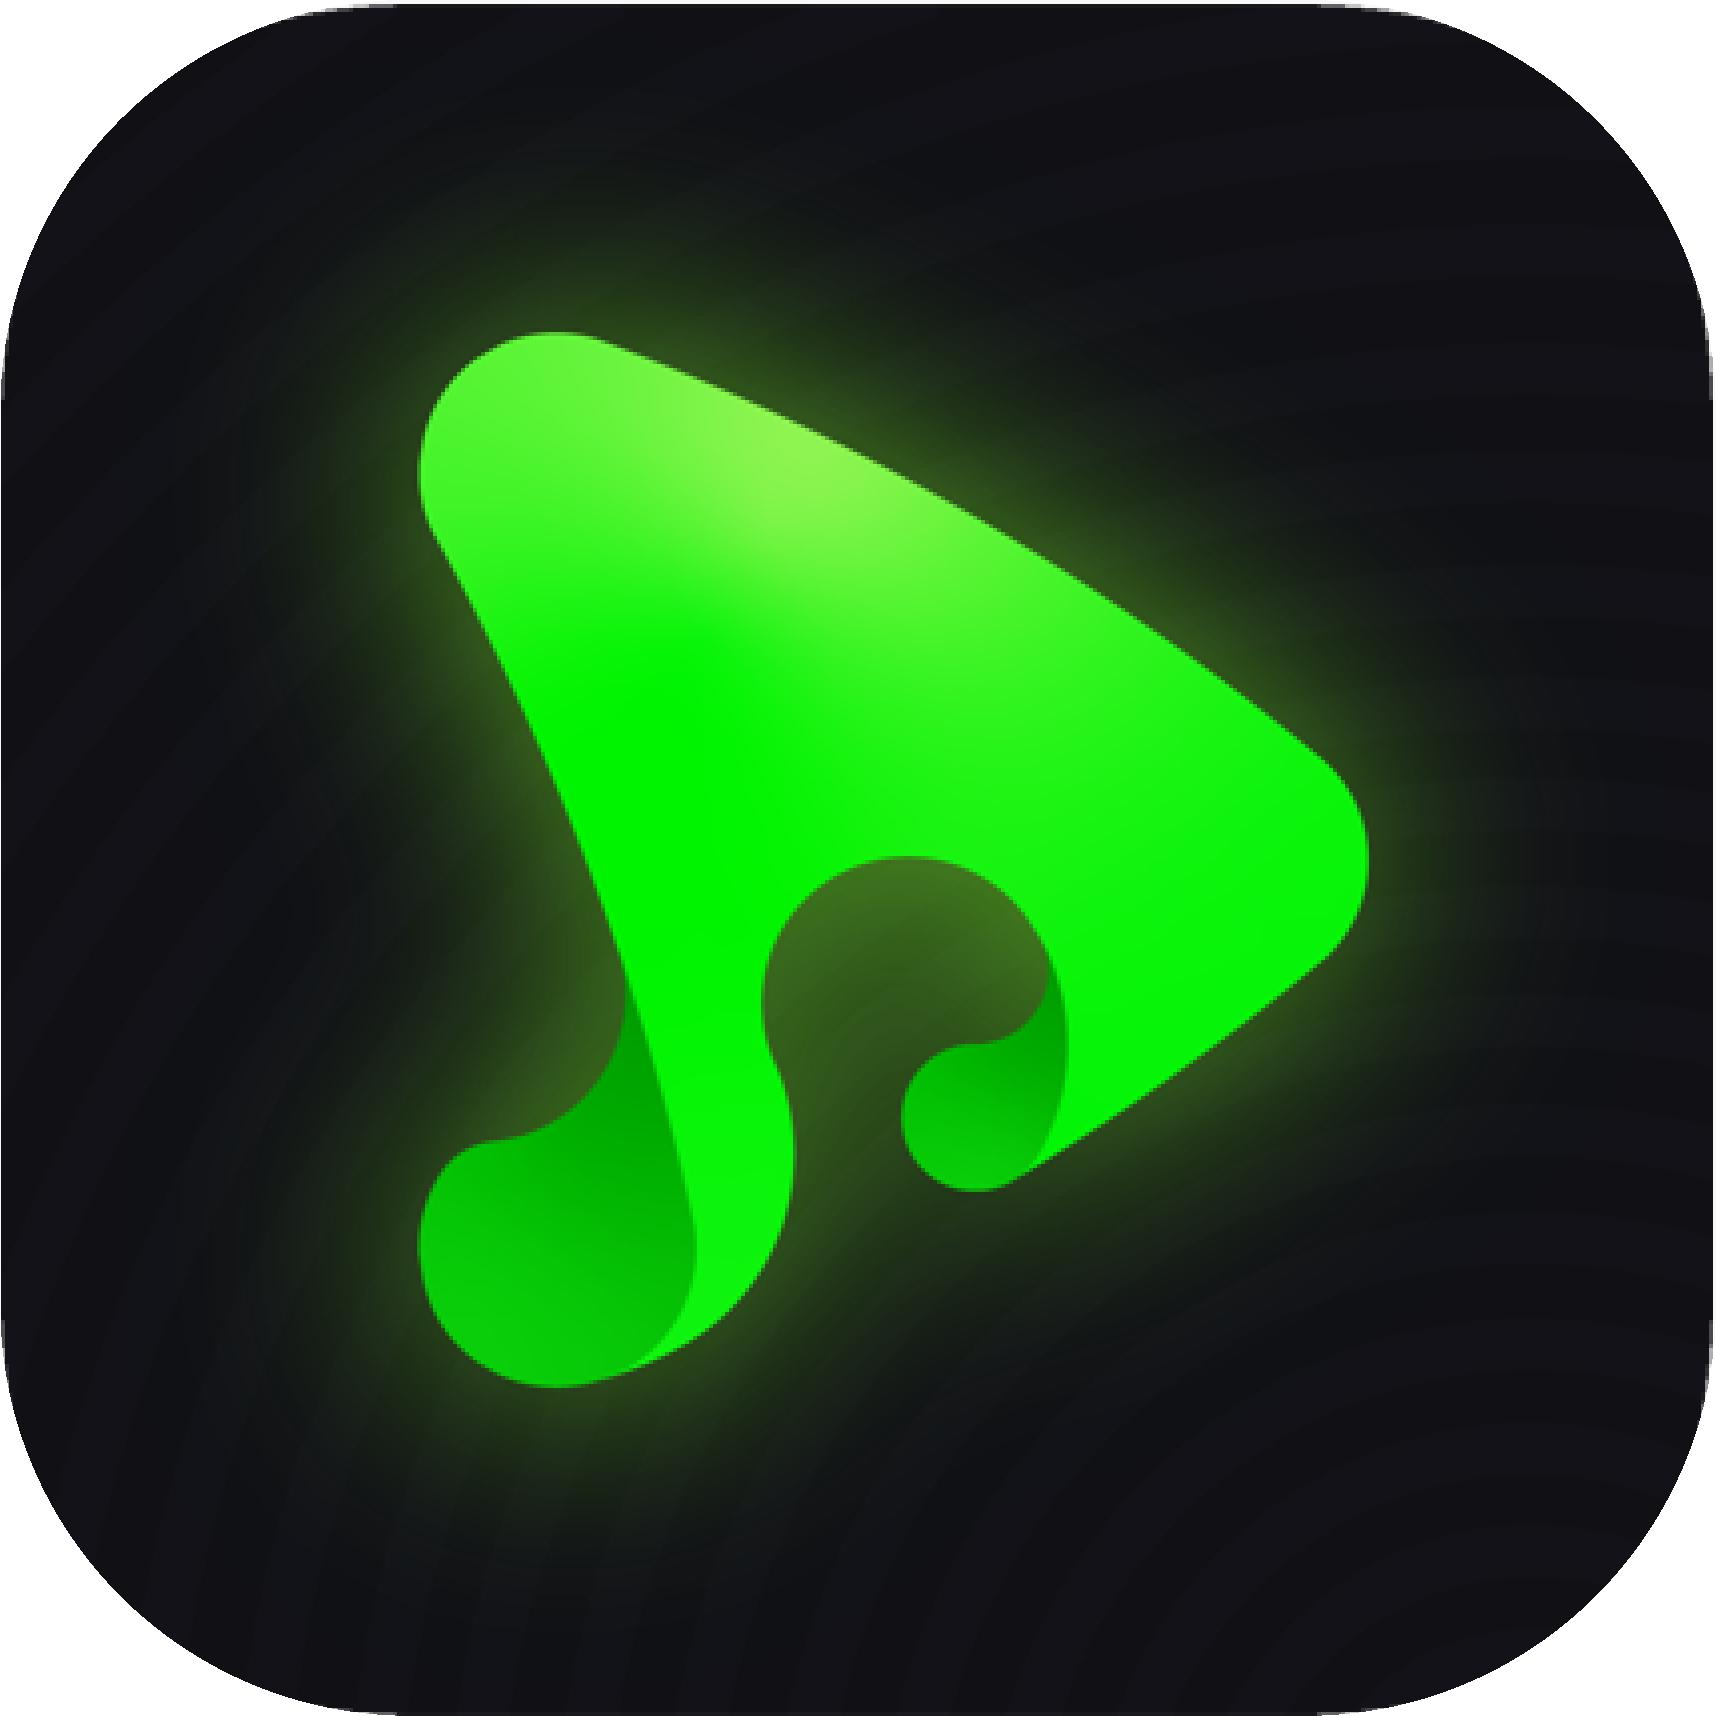 eSound app logo